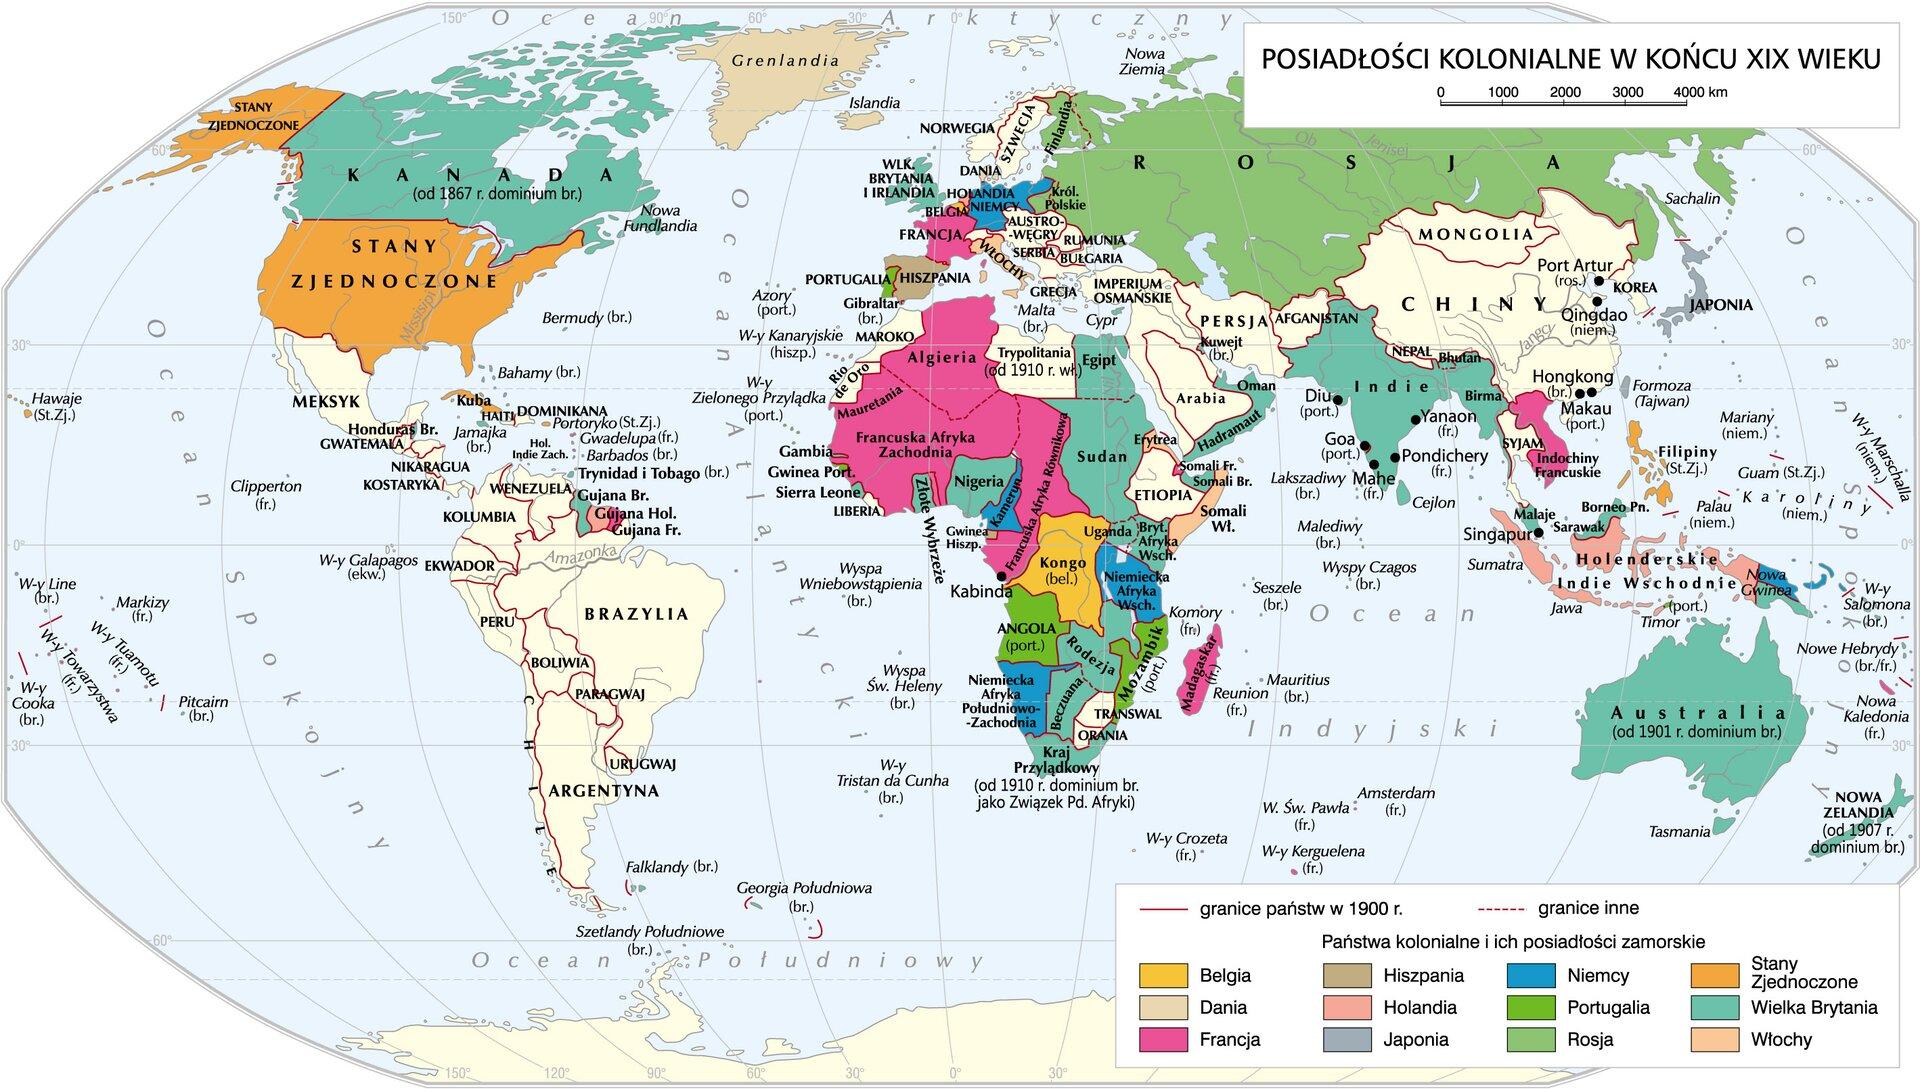 Świat kolonialny pod koniec XIX w. Świat kolonialny pod koniec XIX w. Źródło: Krystian Chariza izespół, licencja: CC BY 4.0.